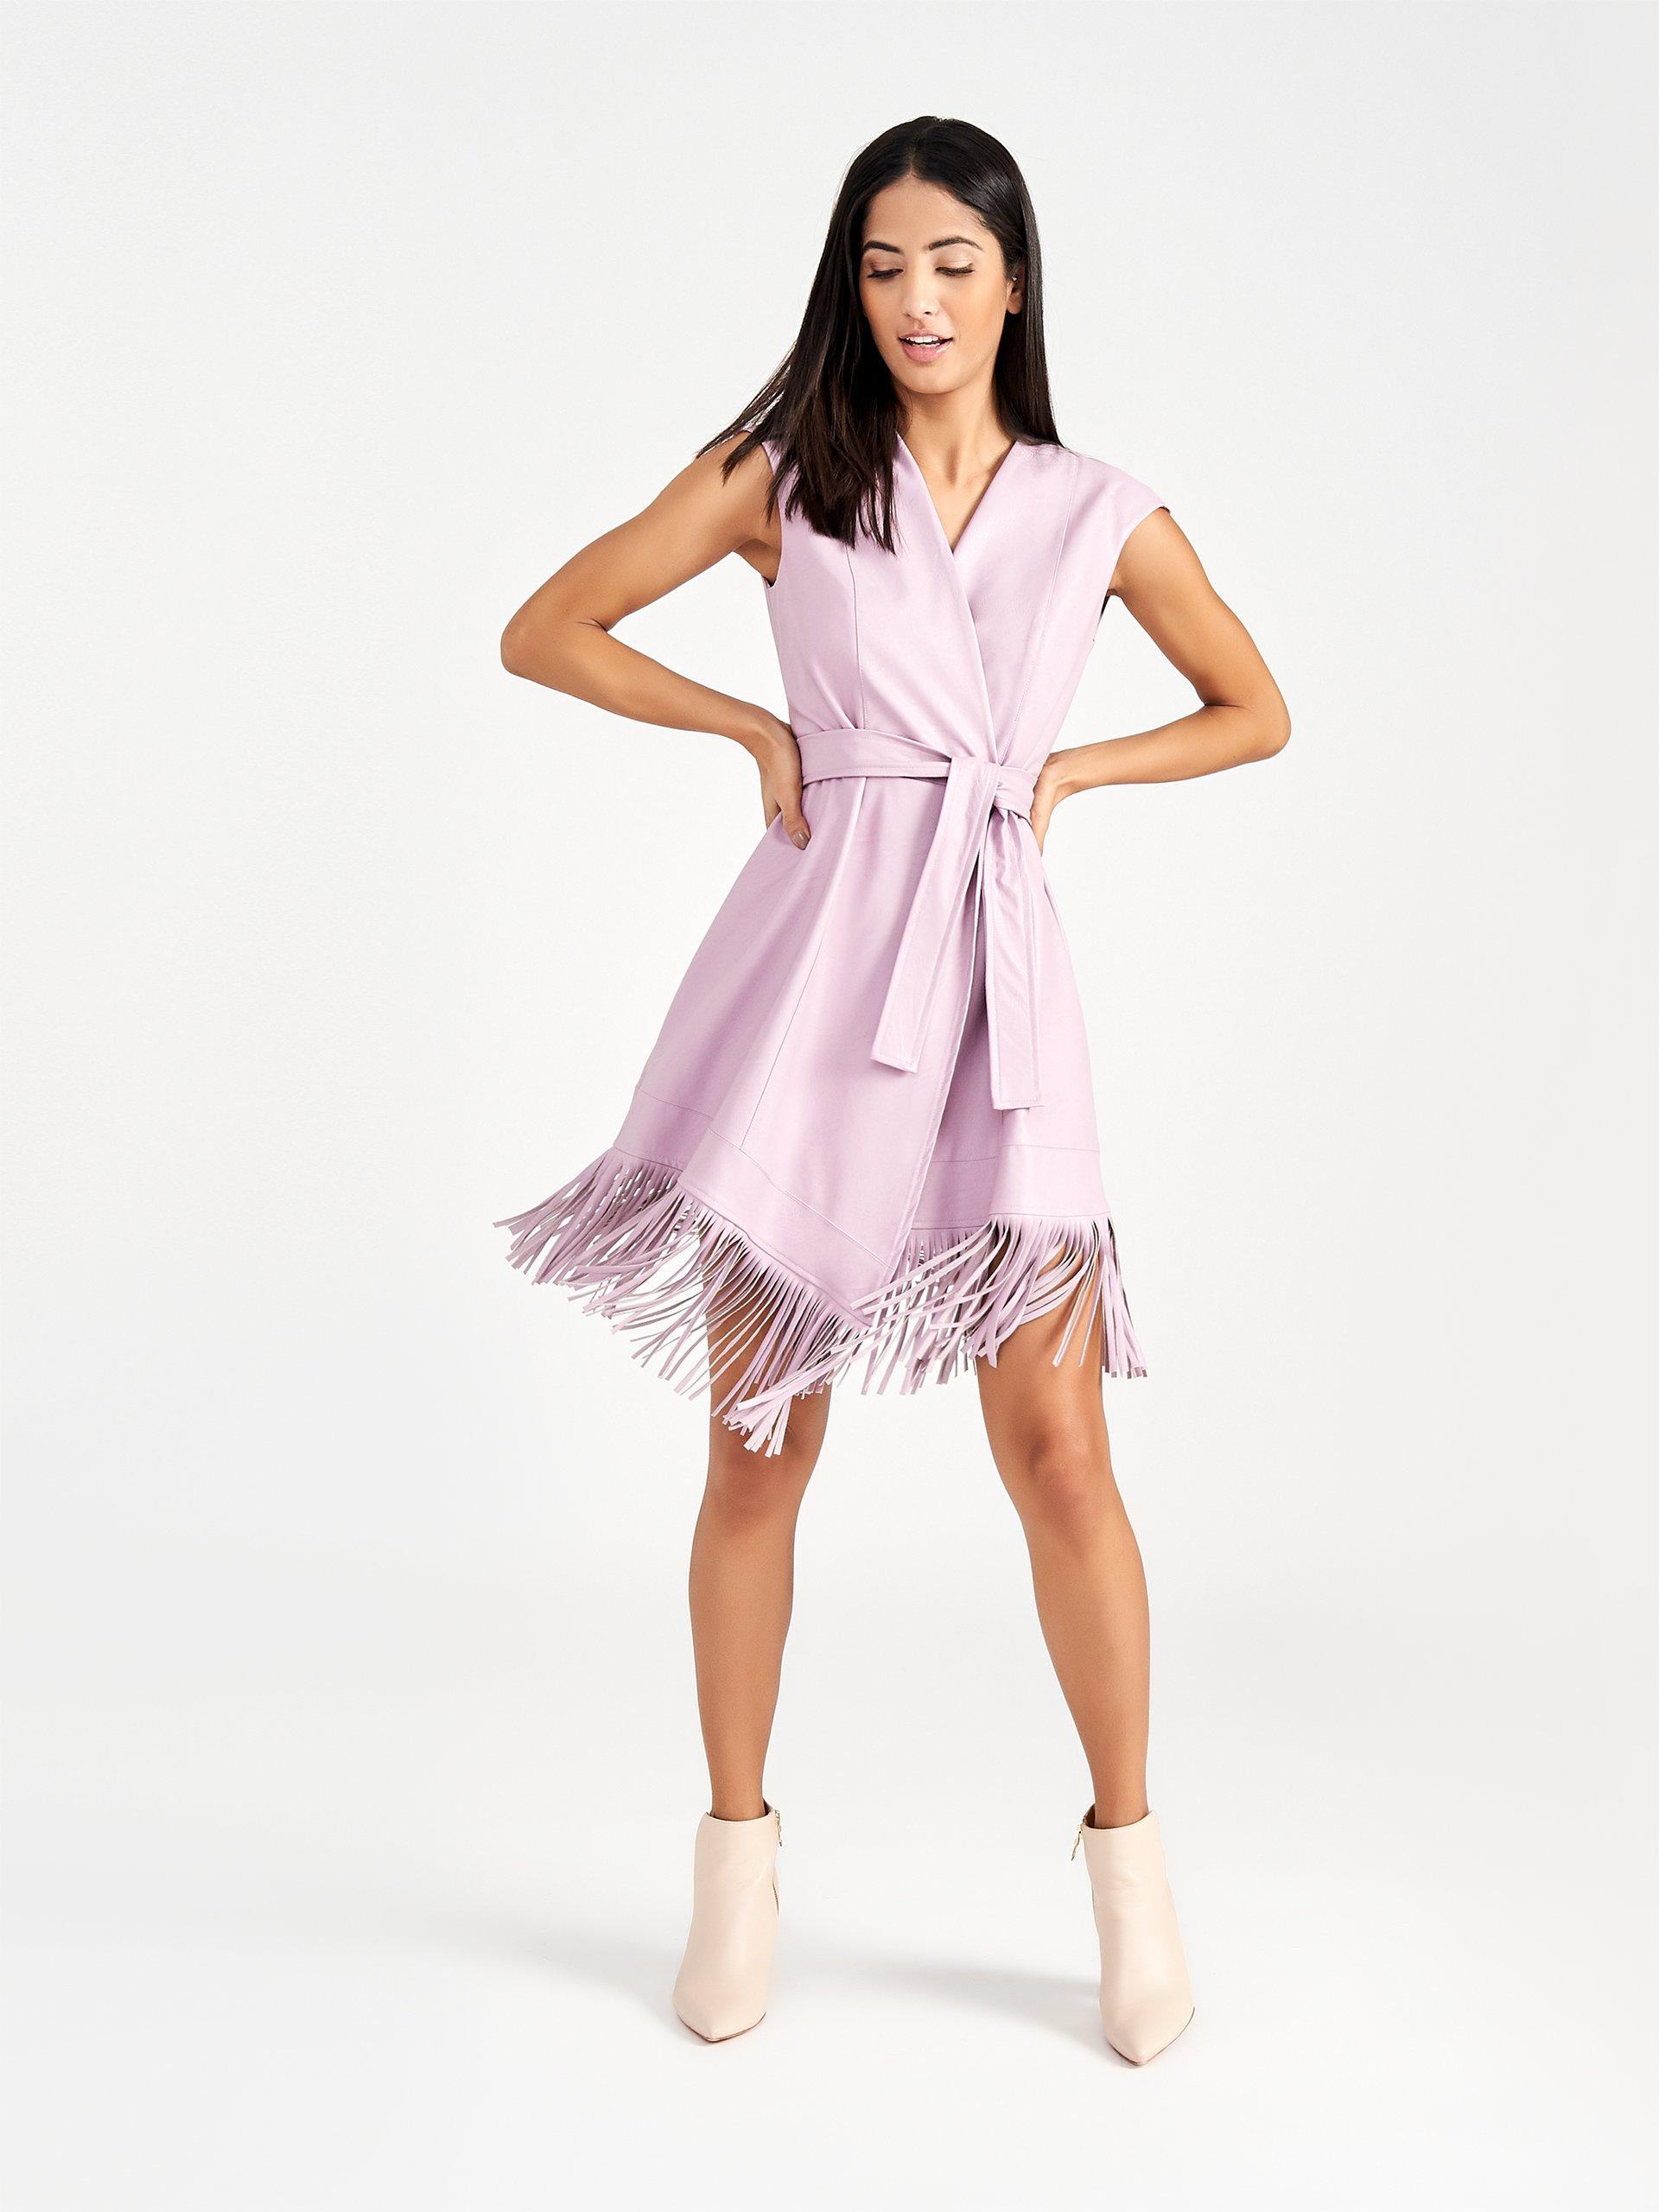 Vestito corto con frange Rinascimento estate 2019 prezzo 119 euro